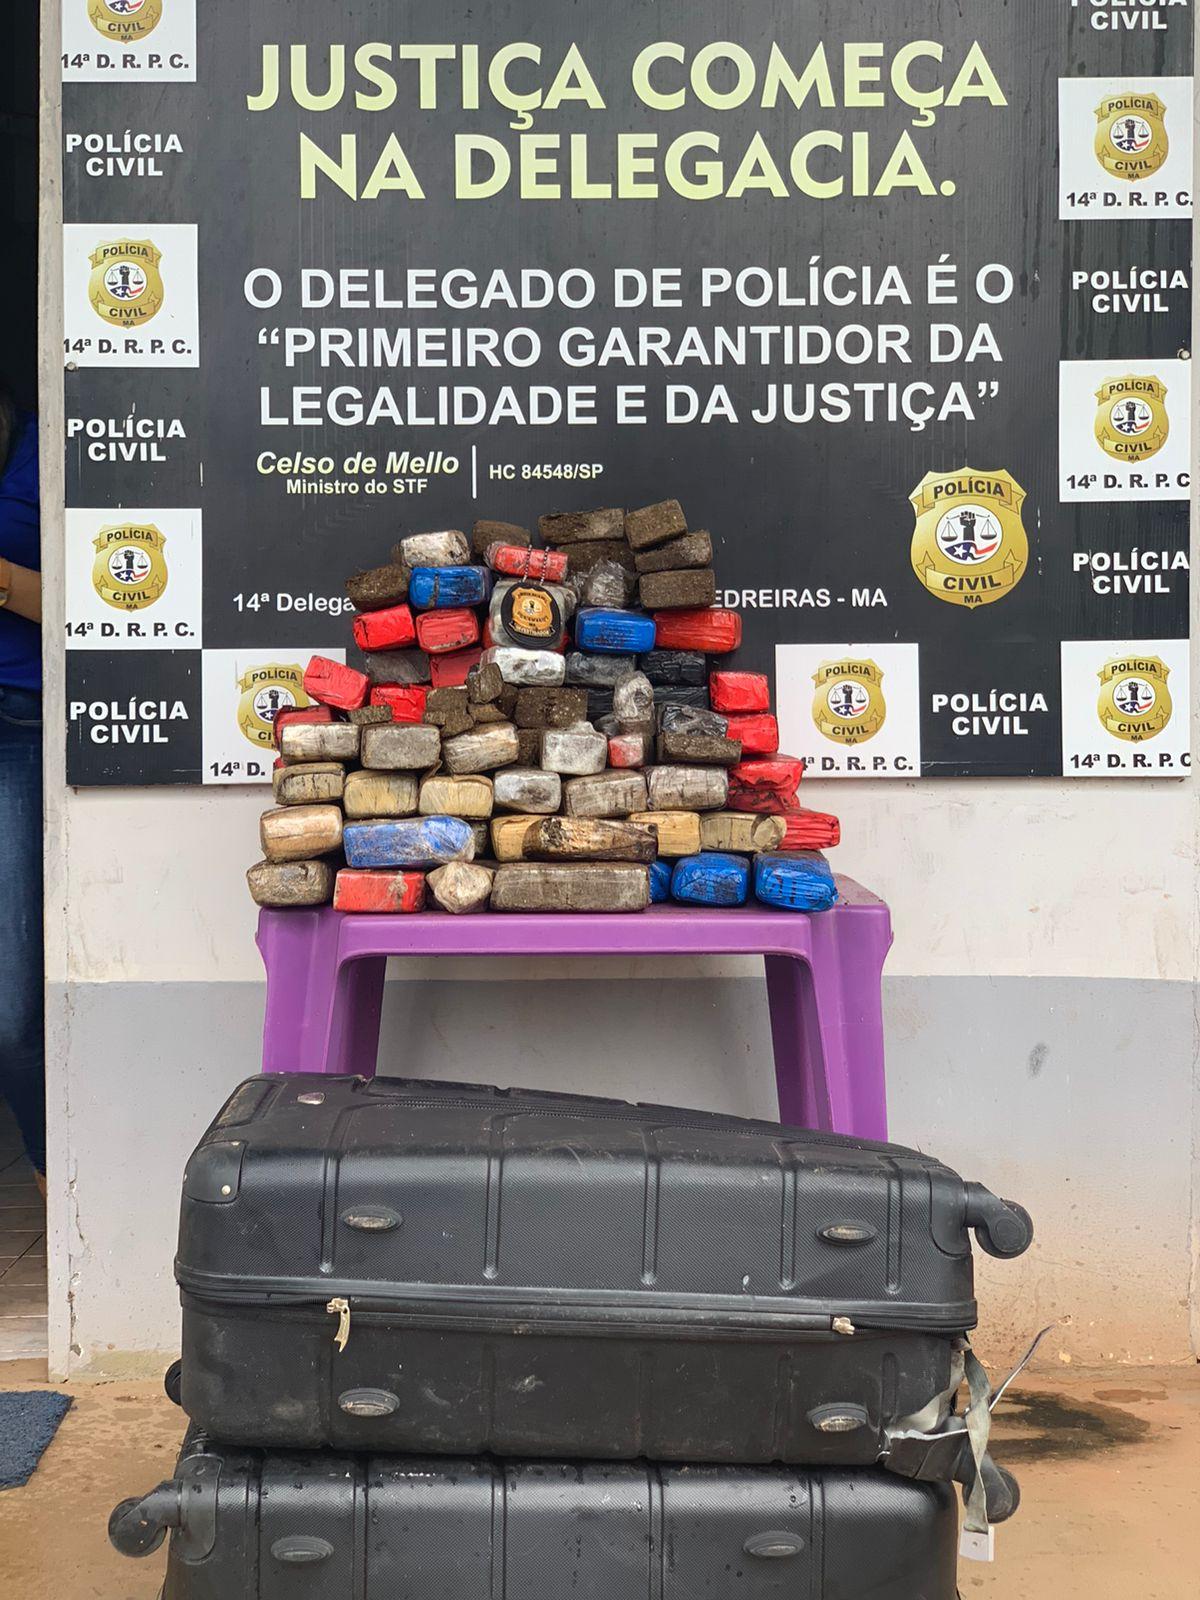 CERCA DE 200 MIL REAIS EM MACONHA SÃO APREENDIDOS PELA POLÍCIA CIVIL EM TRIZIDELA DO VALE